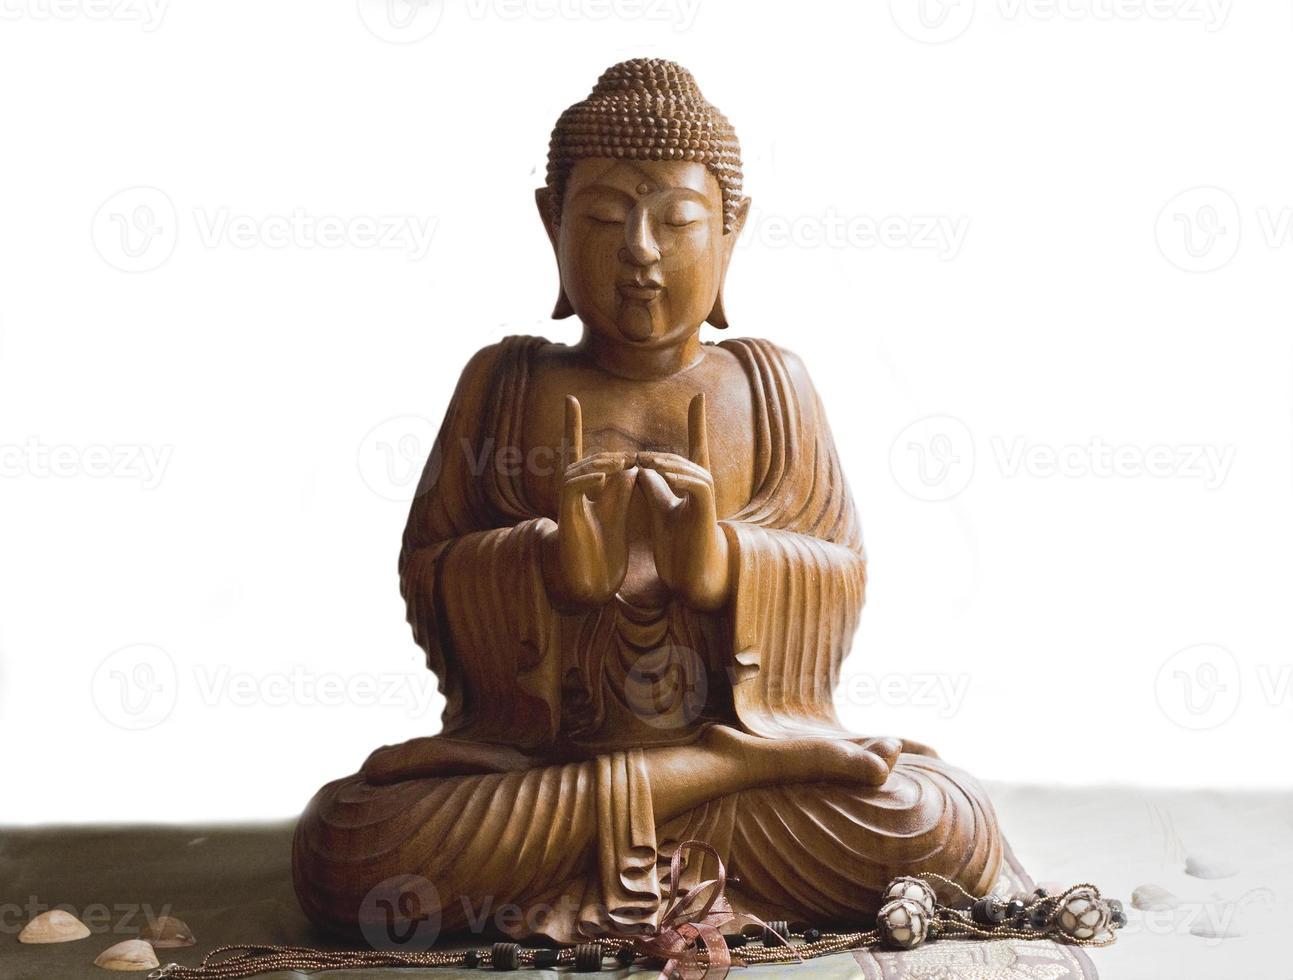 Holzbuddha in der Meditation lokalisiert im weißen Hintergrund foto